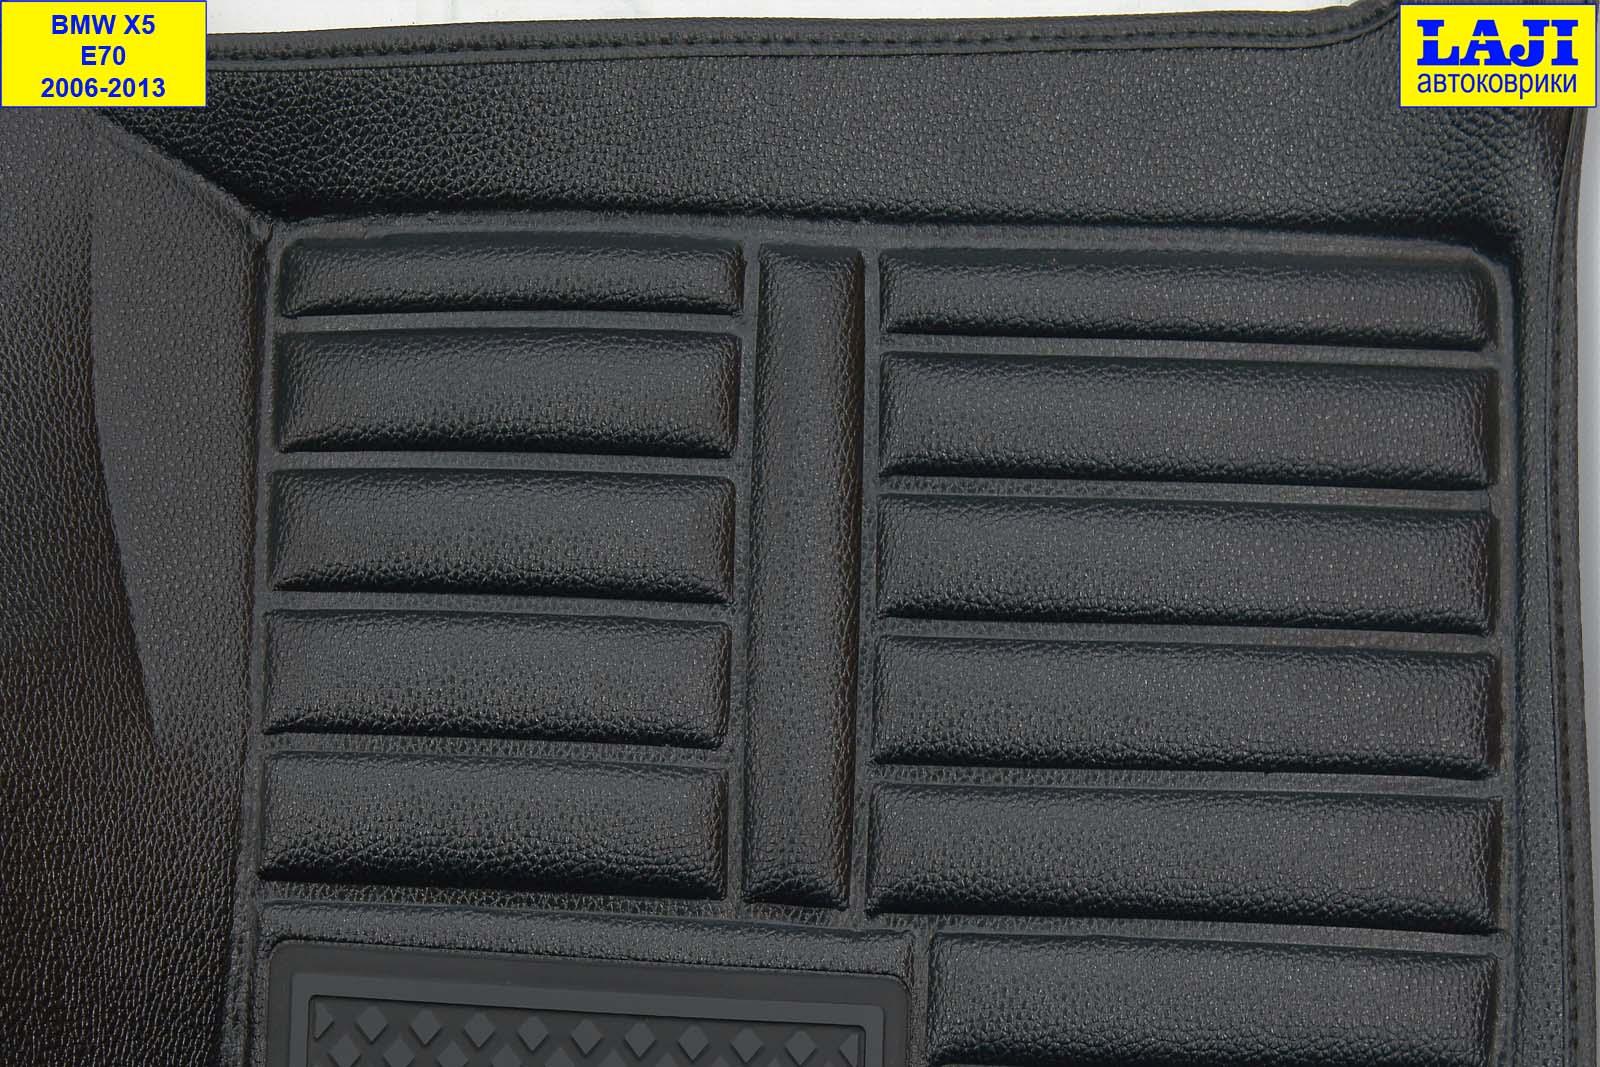 5D коврики в салон BMW X5 (E70) 2006-2013 8